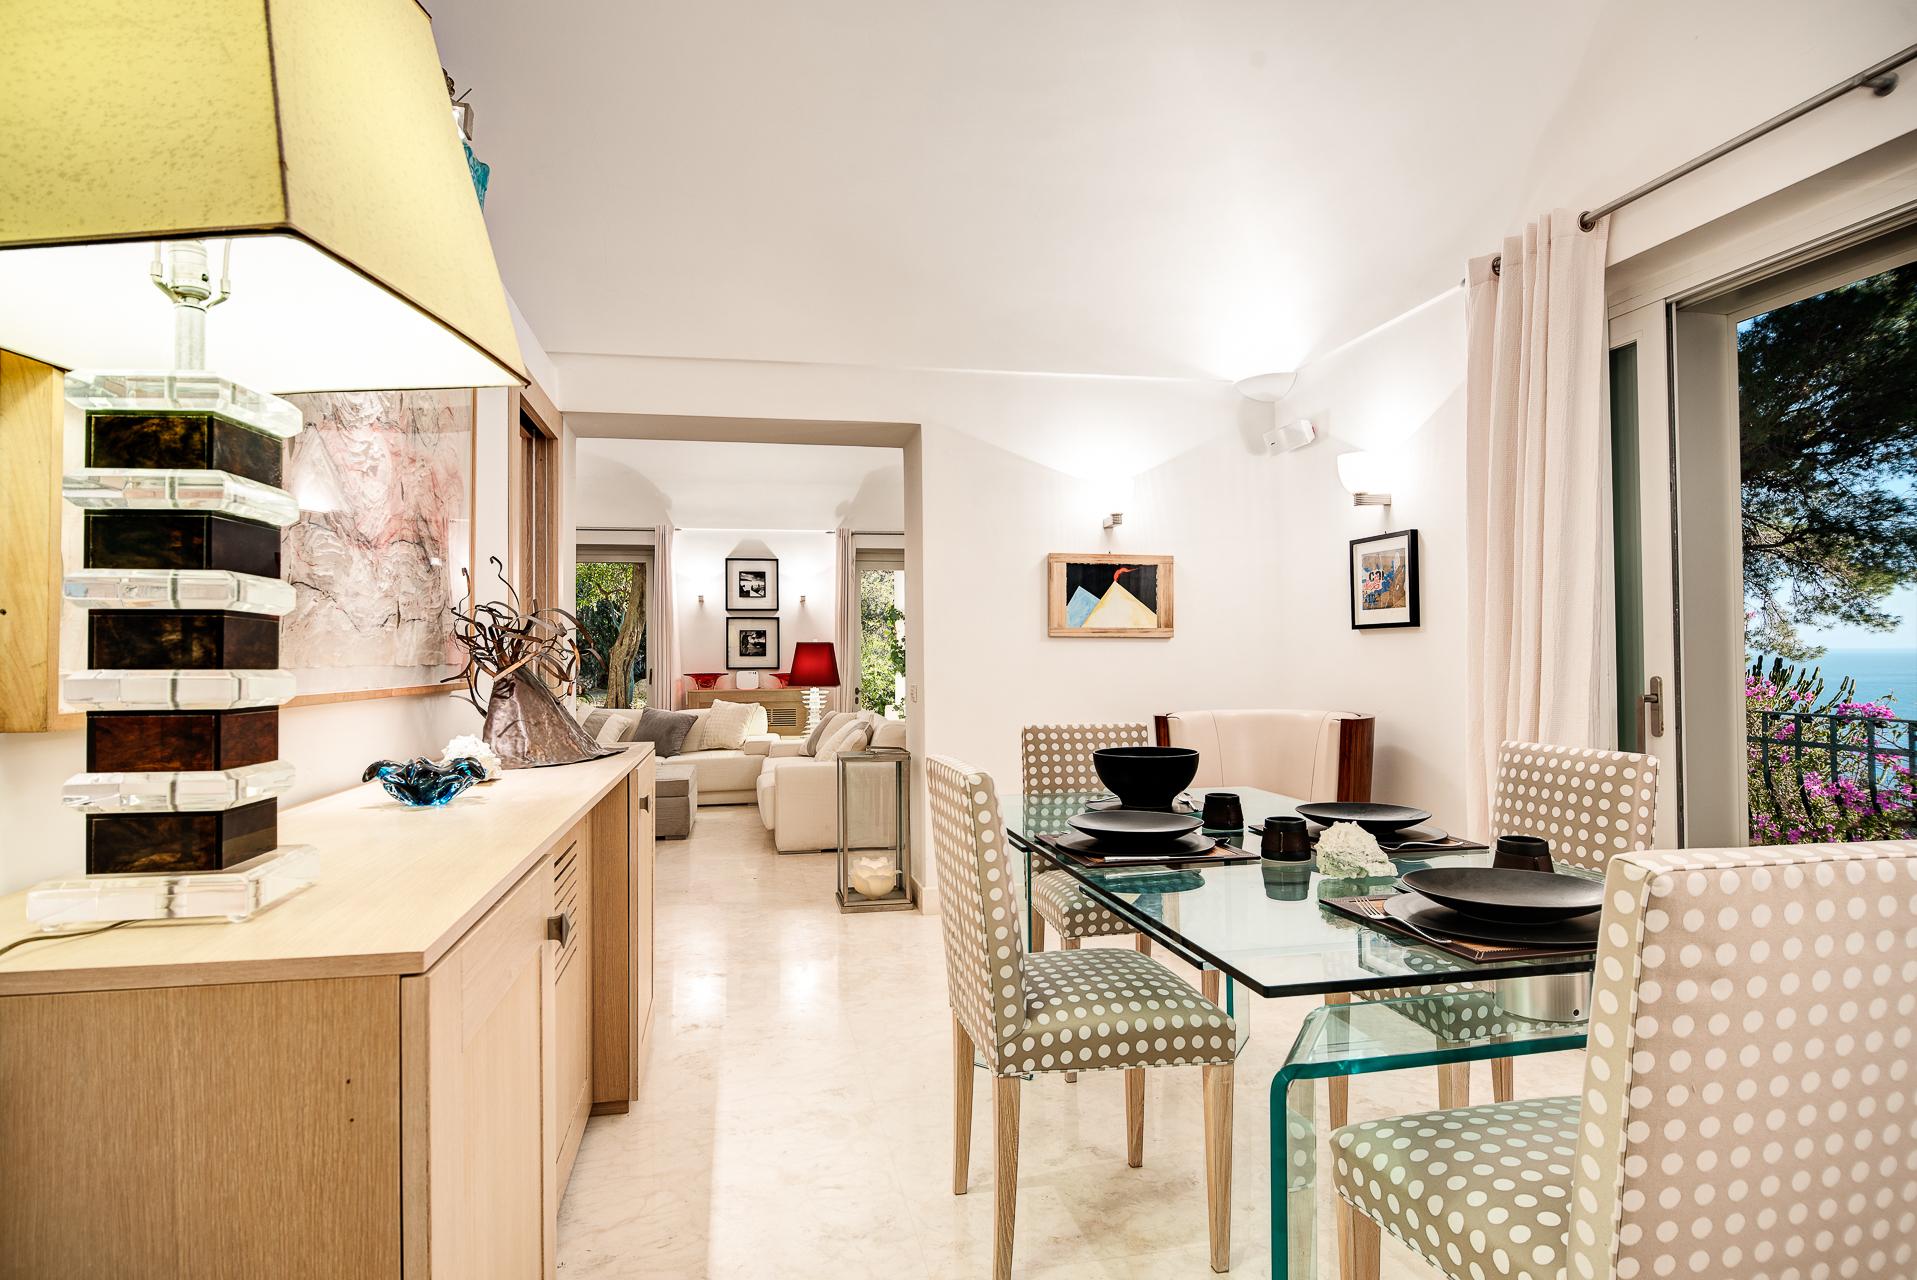 Apartment Villa Bougainvillea - Luxury Capri Villa with Views photo 19025068